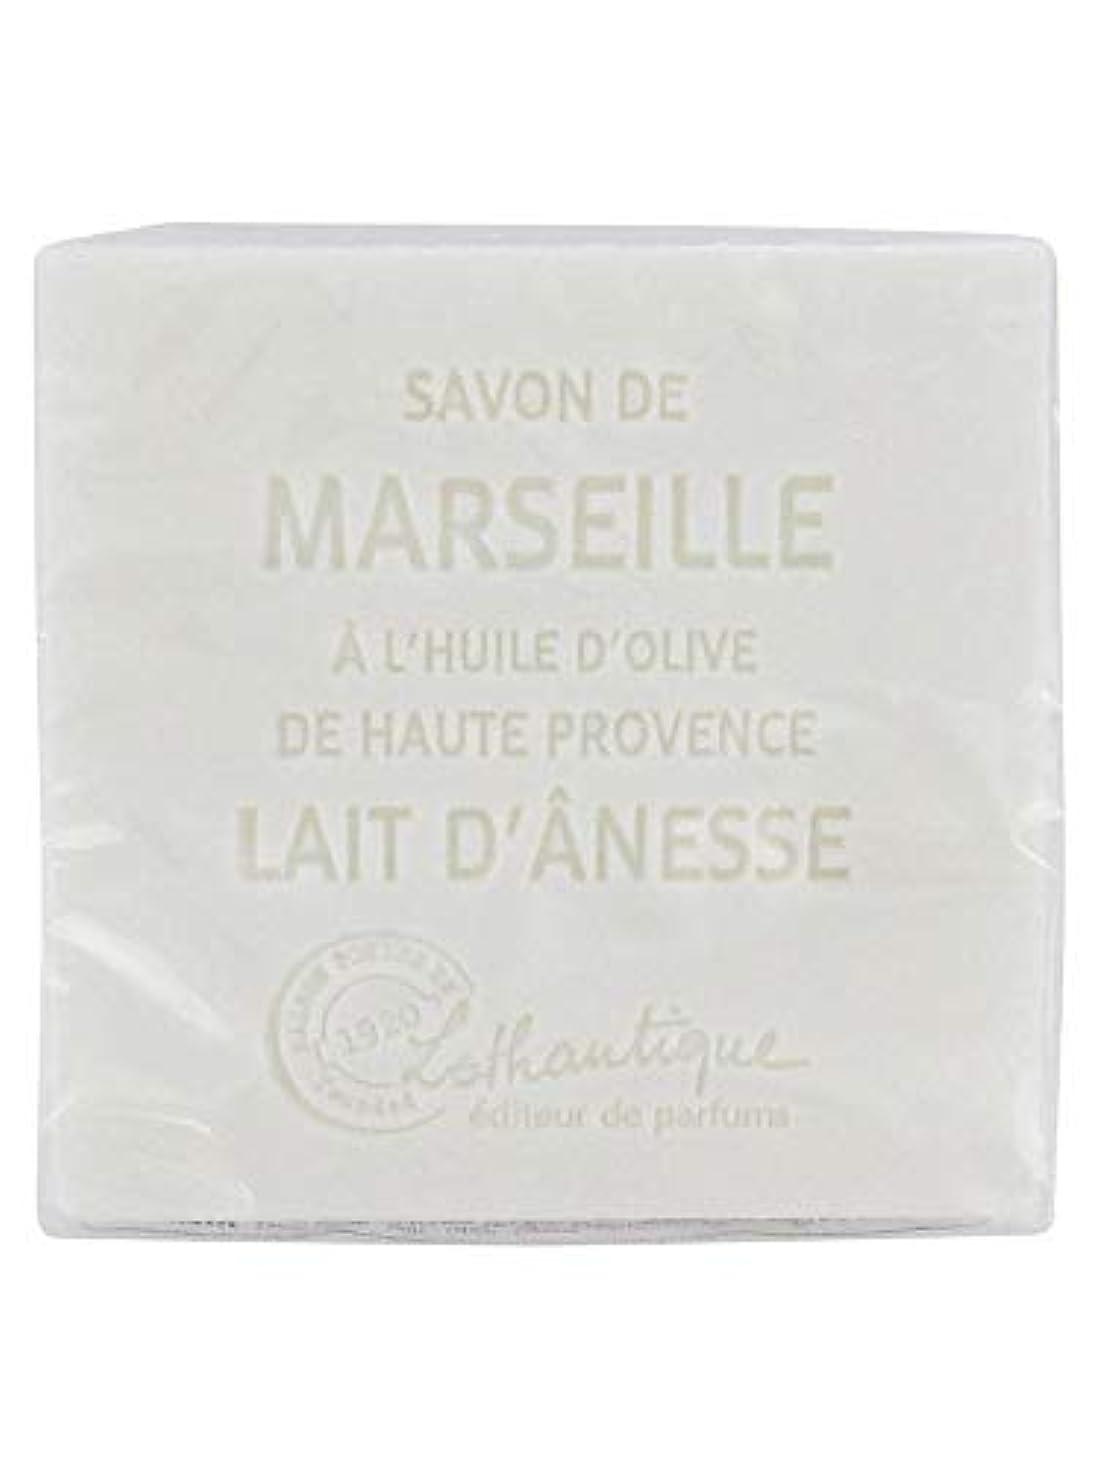 早熟化学薬品練るLothantique(ロタンティック) Les savons de Marseille(マルセイユソープ) マルセイユソープ 100g 「ミルク(ロバミルク)」 3420070038043